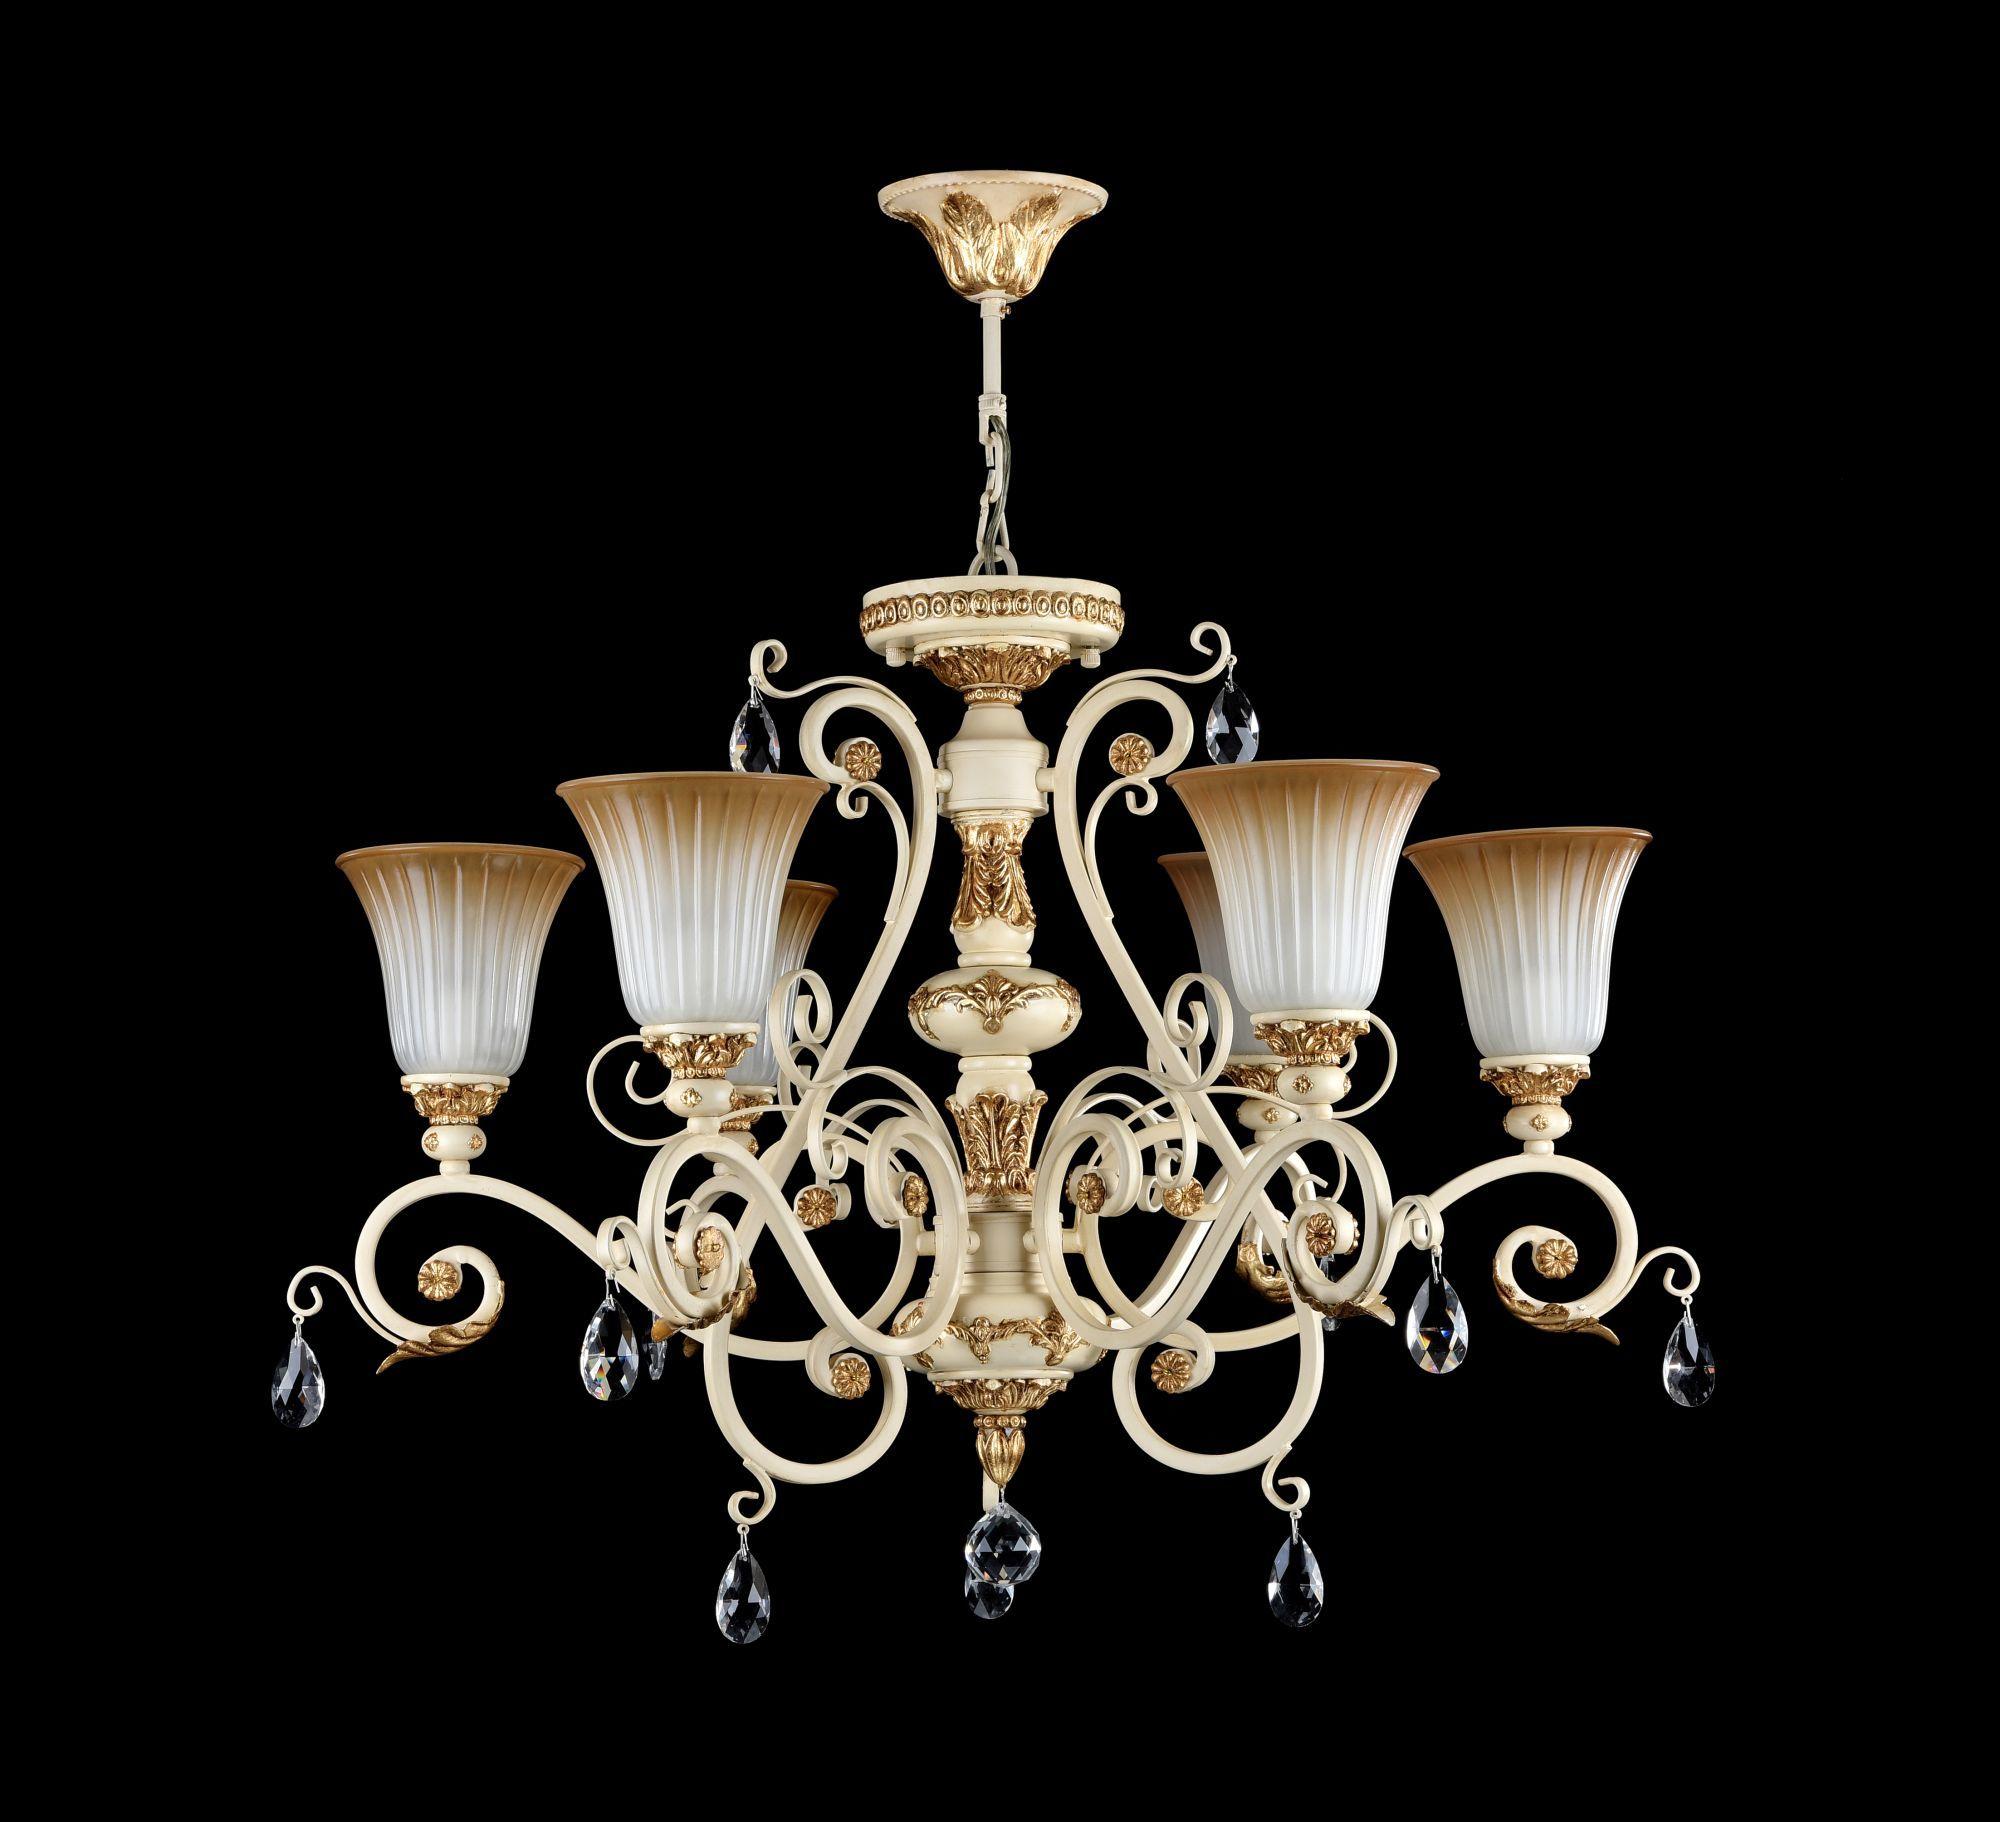 Потолочно-подвесная люстра Freya Symphony FR2333-PL-06-BG, бежевый, золото, коричневый, прозрачный, металл, стекло, хрусталь - фото 4